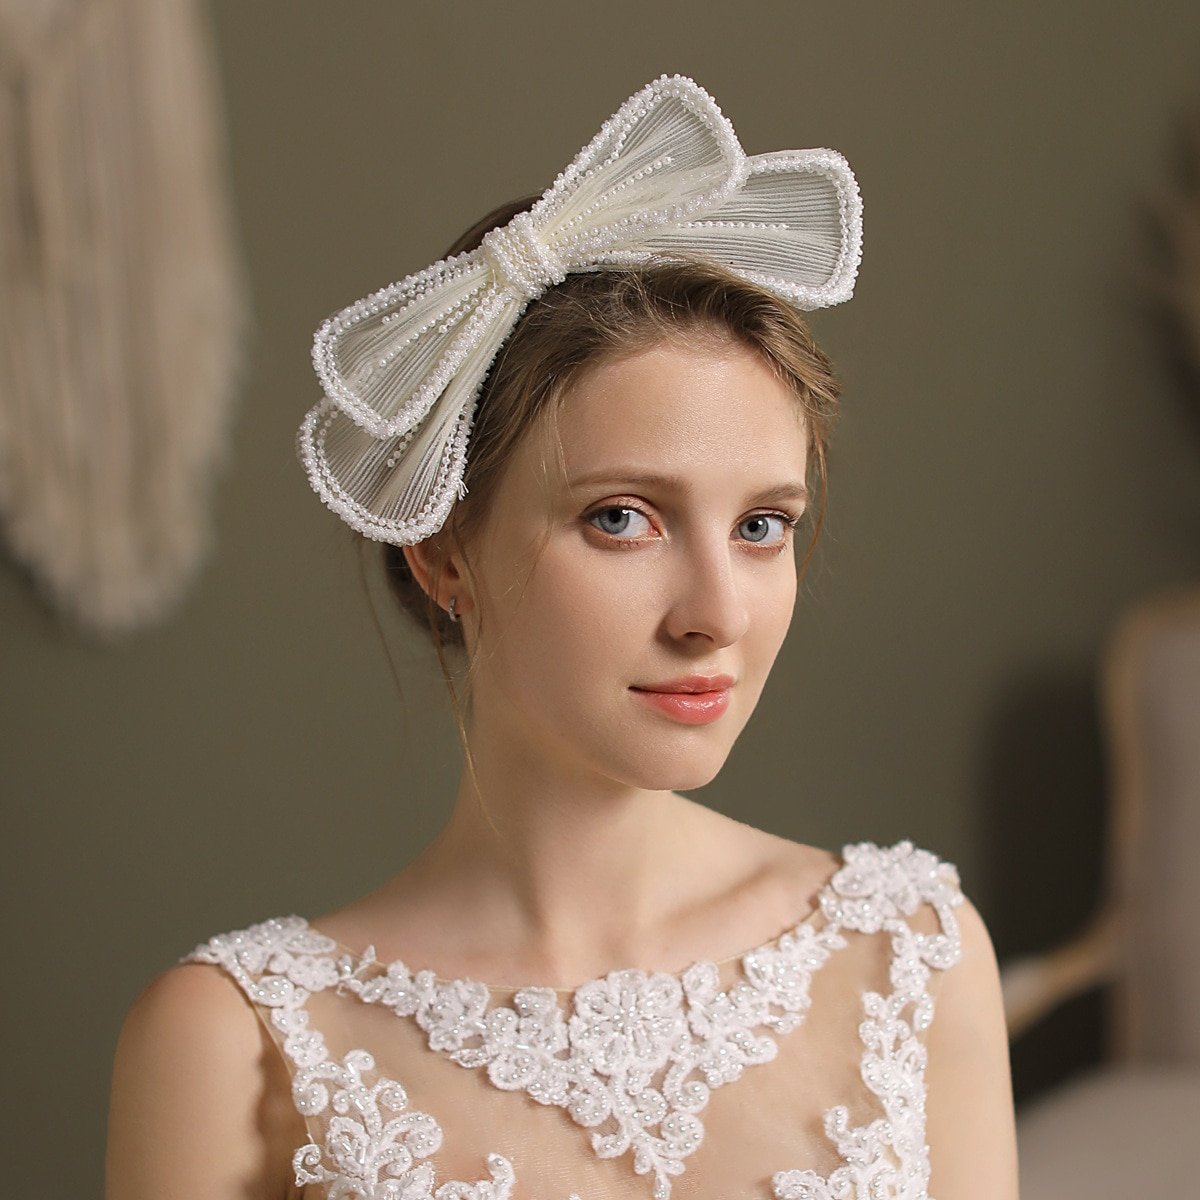 الجنية القوس الزفاف أغطية الرأس اللؤلؤ اكسسوارات الزفاف